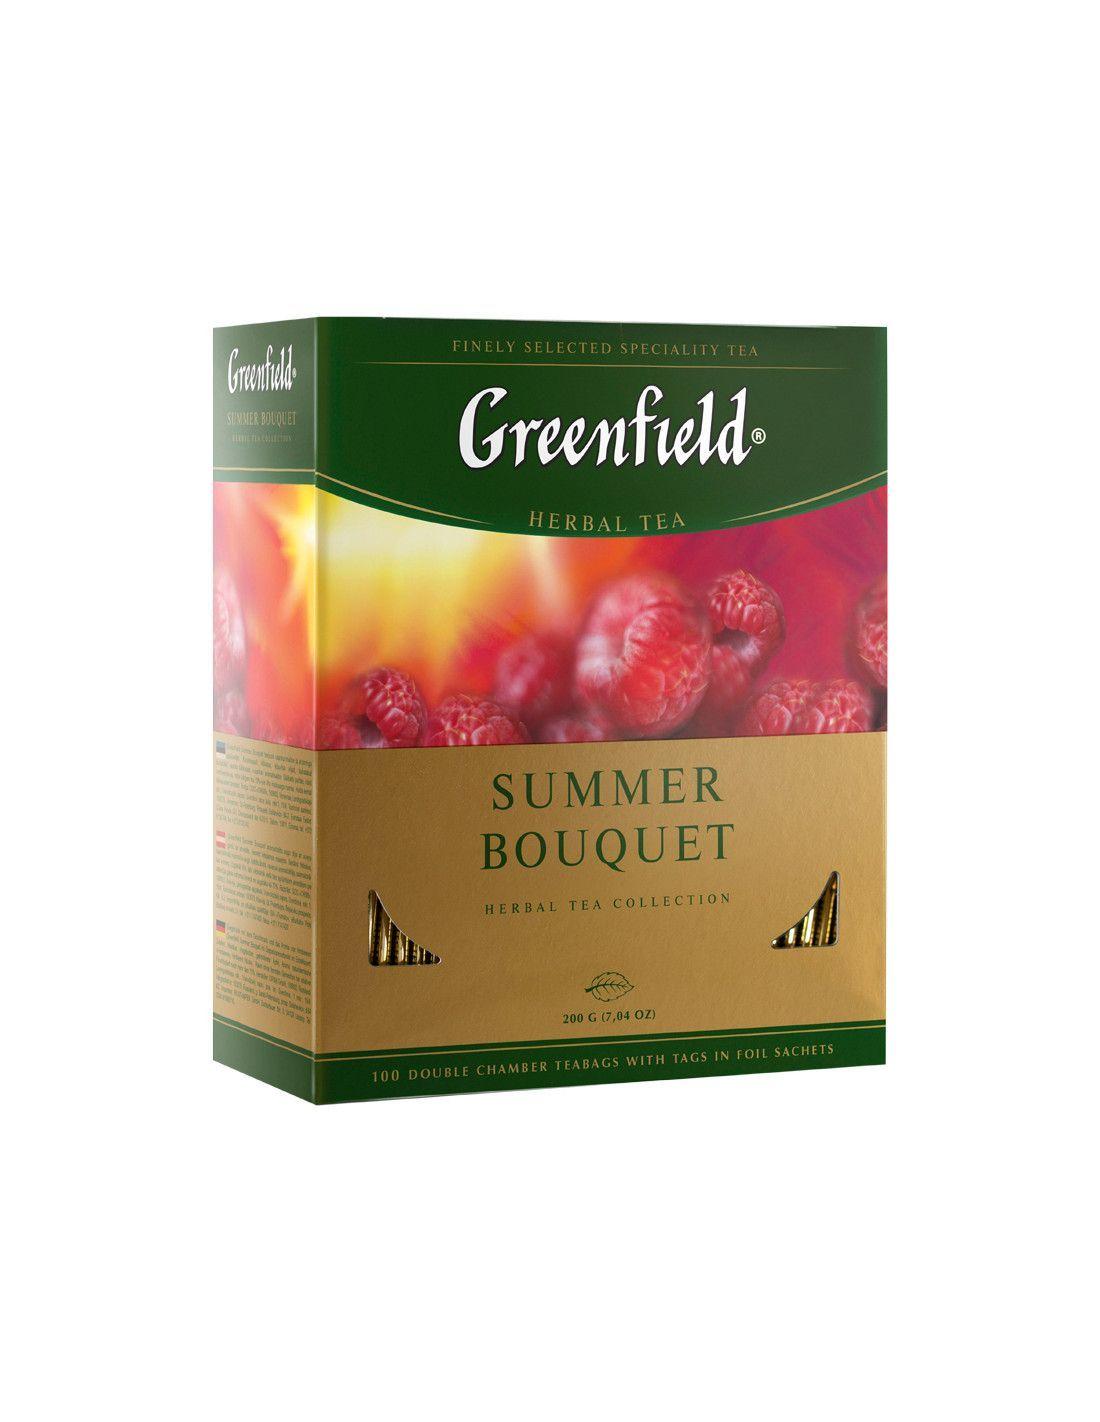 Чай GREENFIELD SUMMER BOUQUET травяной/фруктовый 100 шт карт.упак.